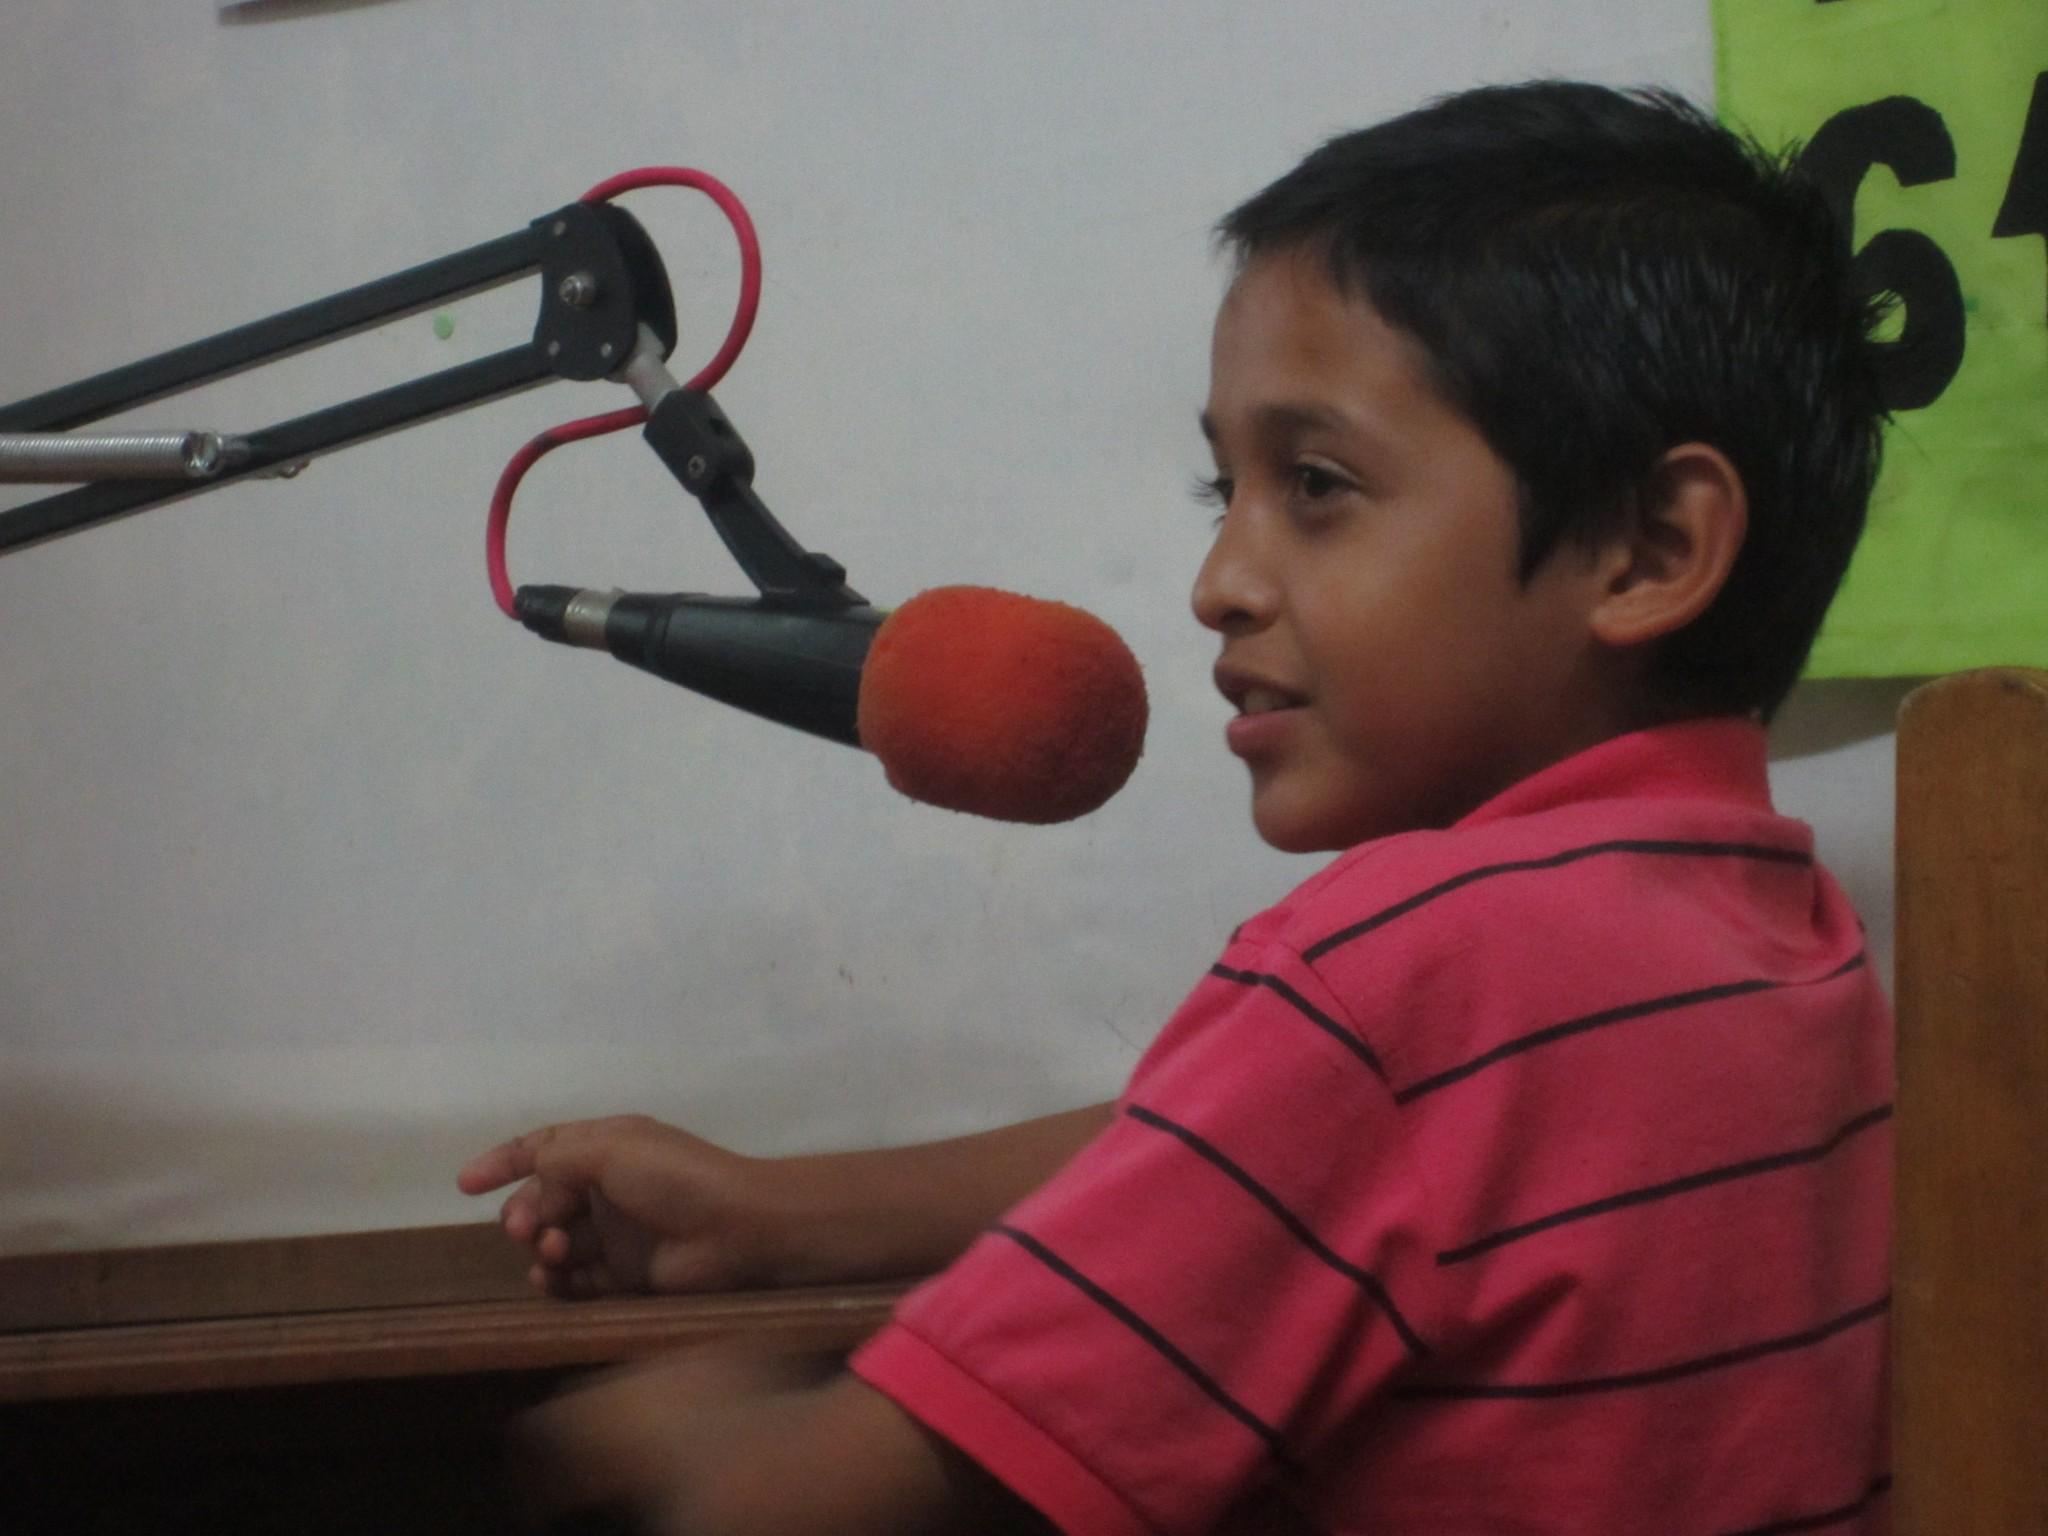 nic_mat_lashormiguitas_brian_beim_radio_2011